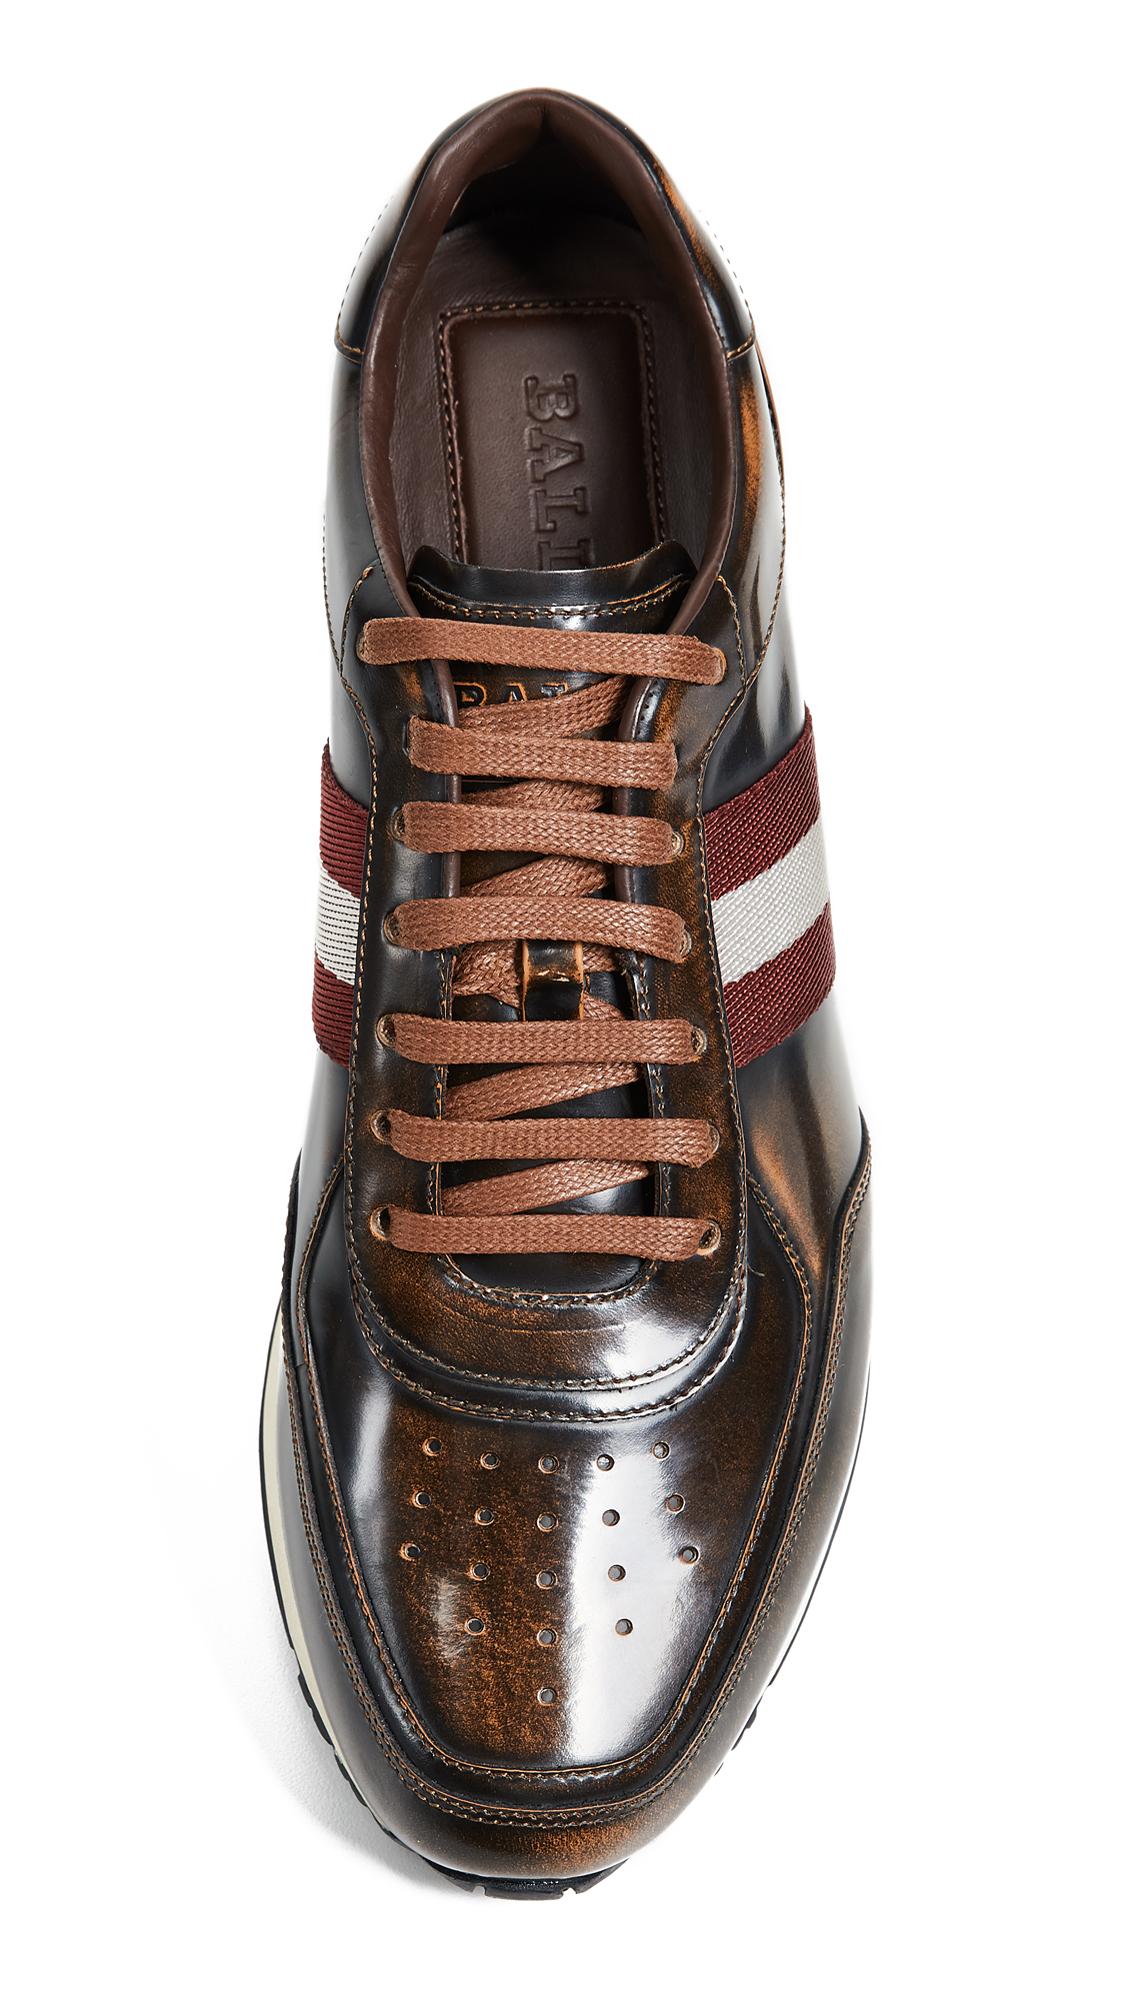 fe62a1b20428a5 Bally Aston Sneakers